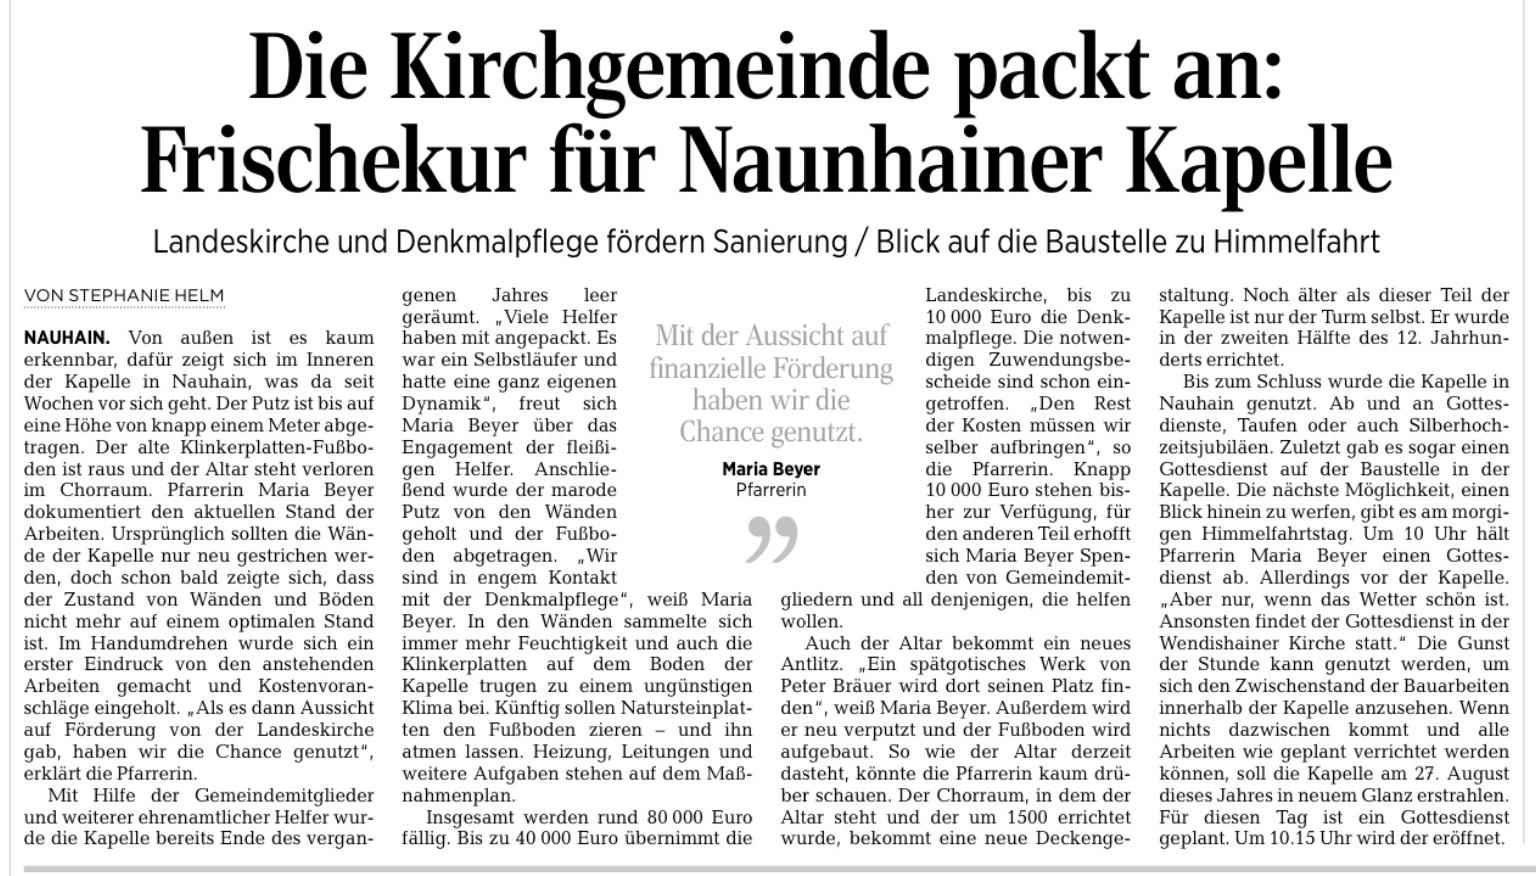 Presseartikel DAZ 24.05.2017